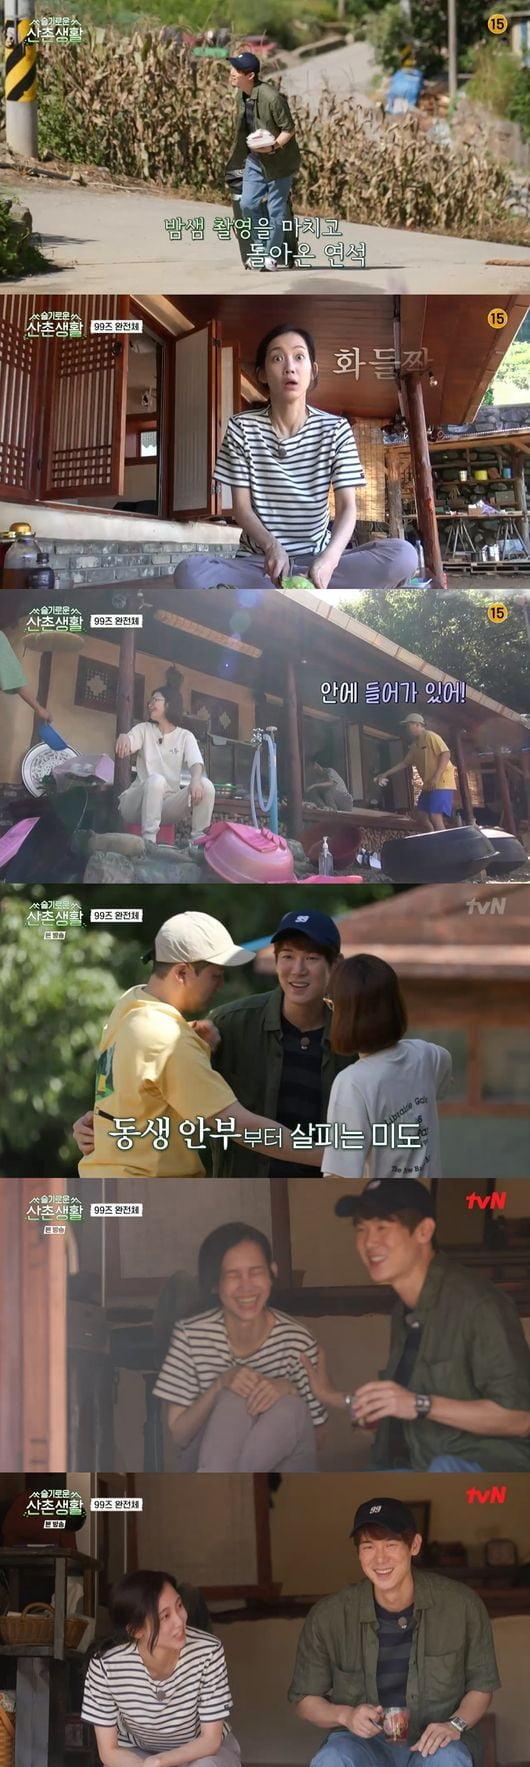 """안보현, """"이해하는데 한계 있다""""...박지현의 연애 이간질에 따끔한 충고('유미의 세포들')"""